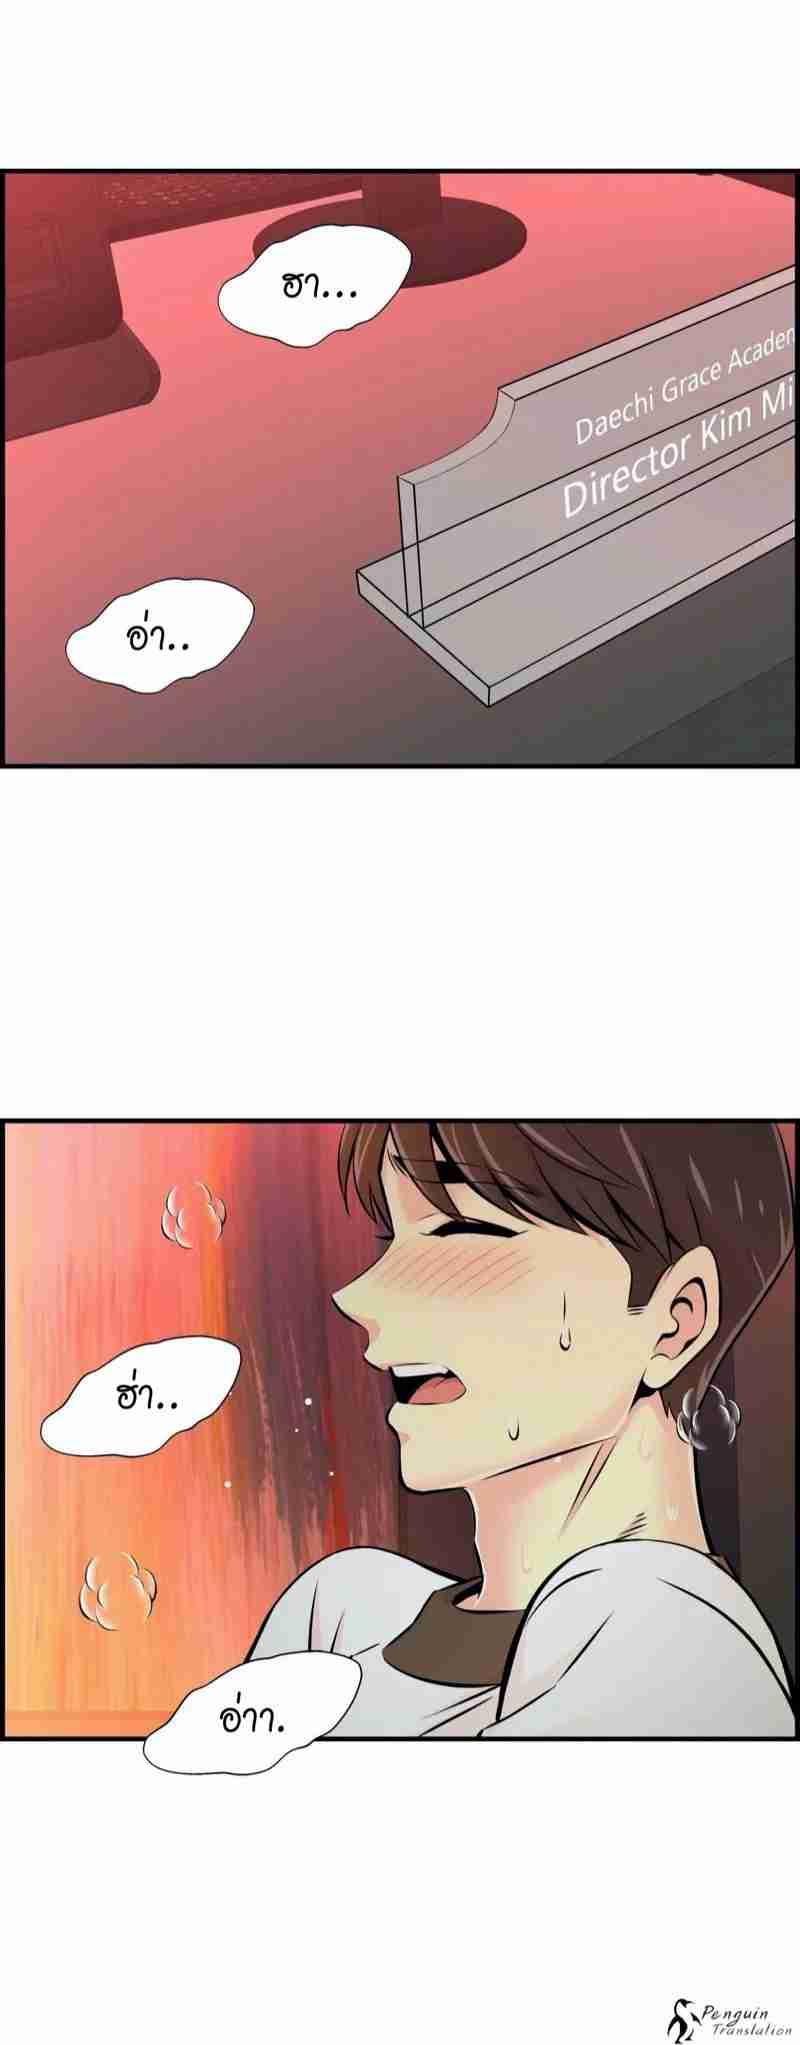 โดจิน Doujin เลือกใครดีมีหลายคน(9)2